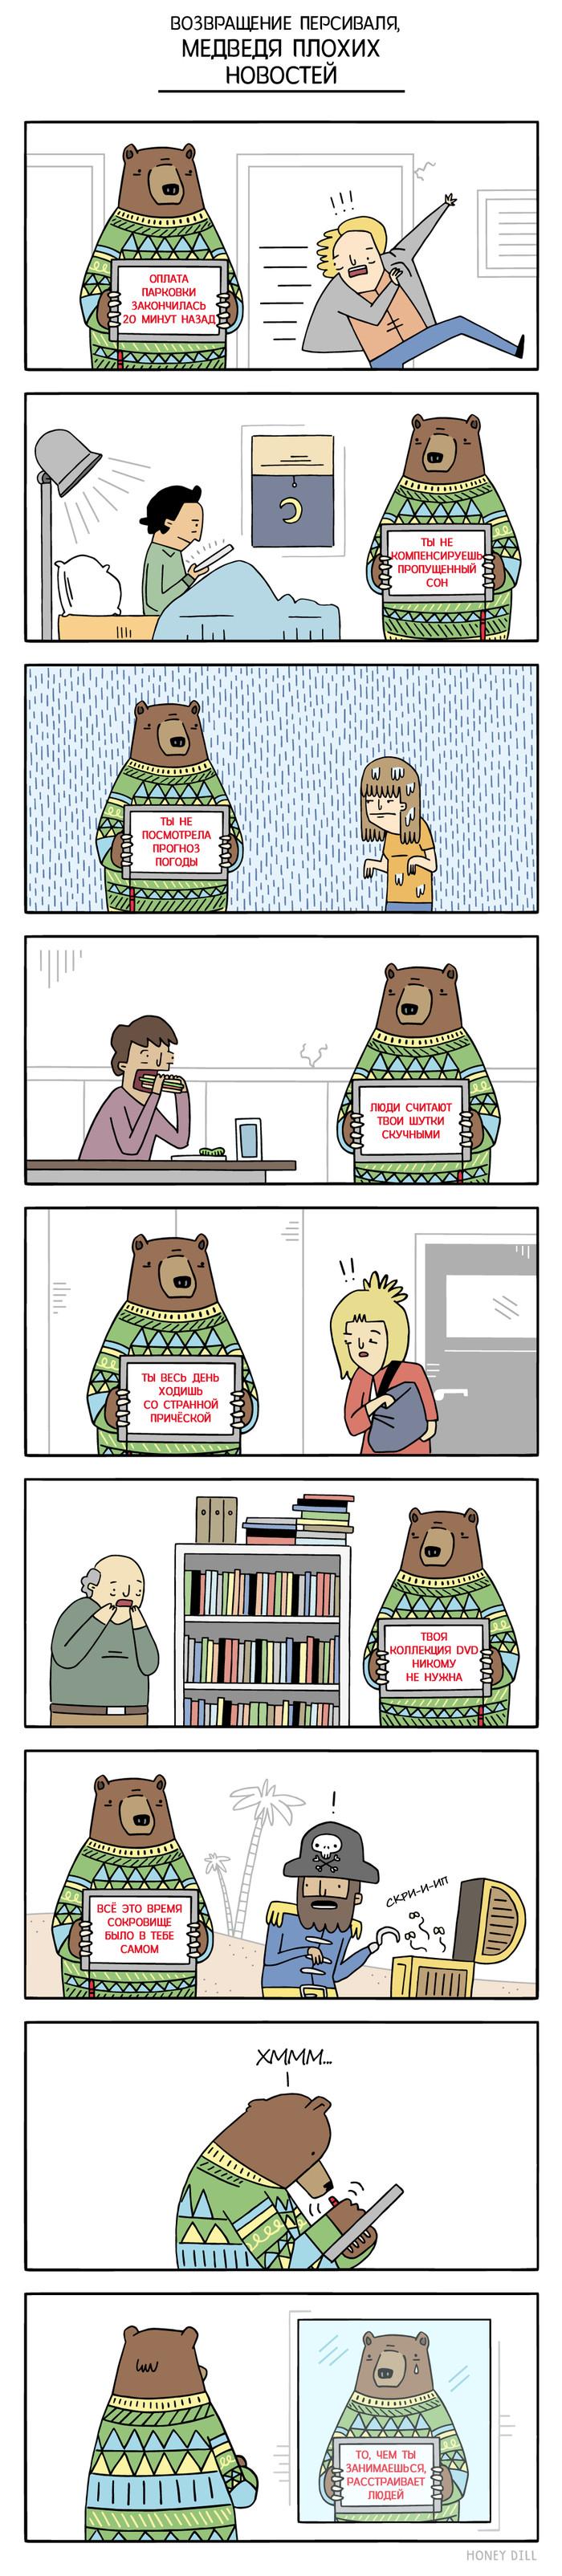 Возвращение медведя плохих новостей Honey Dill, Комиксы, Перевод, Длиннопост